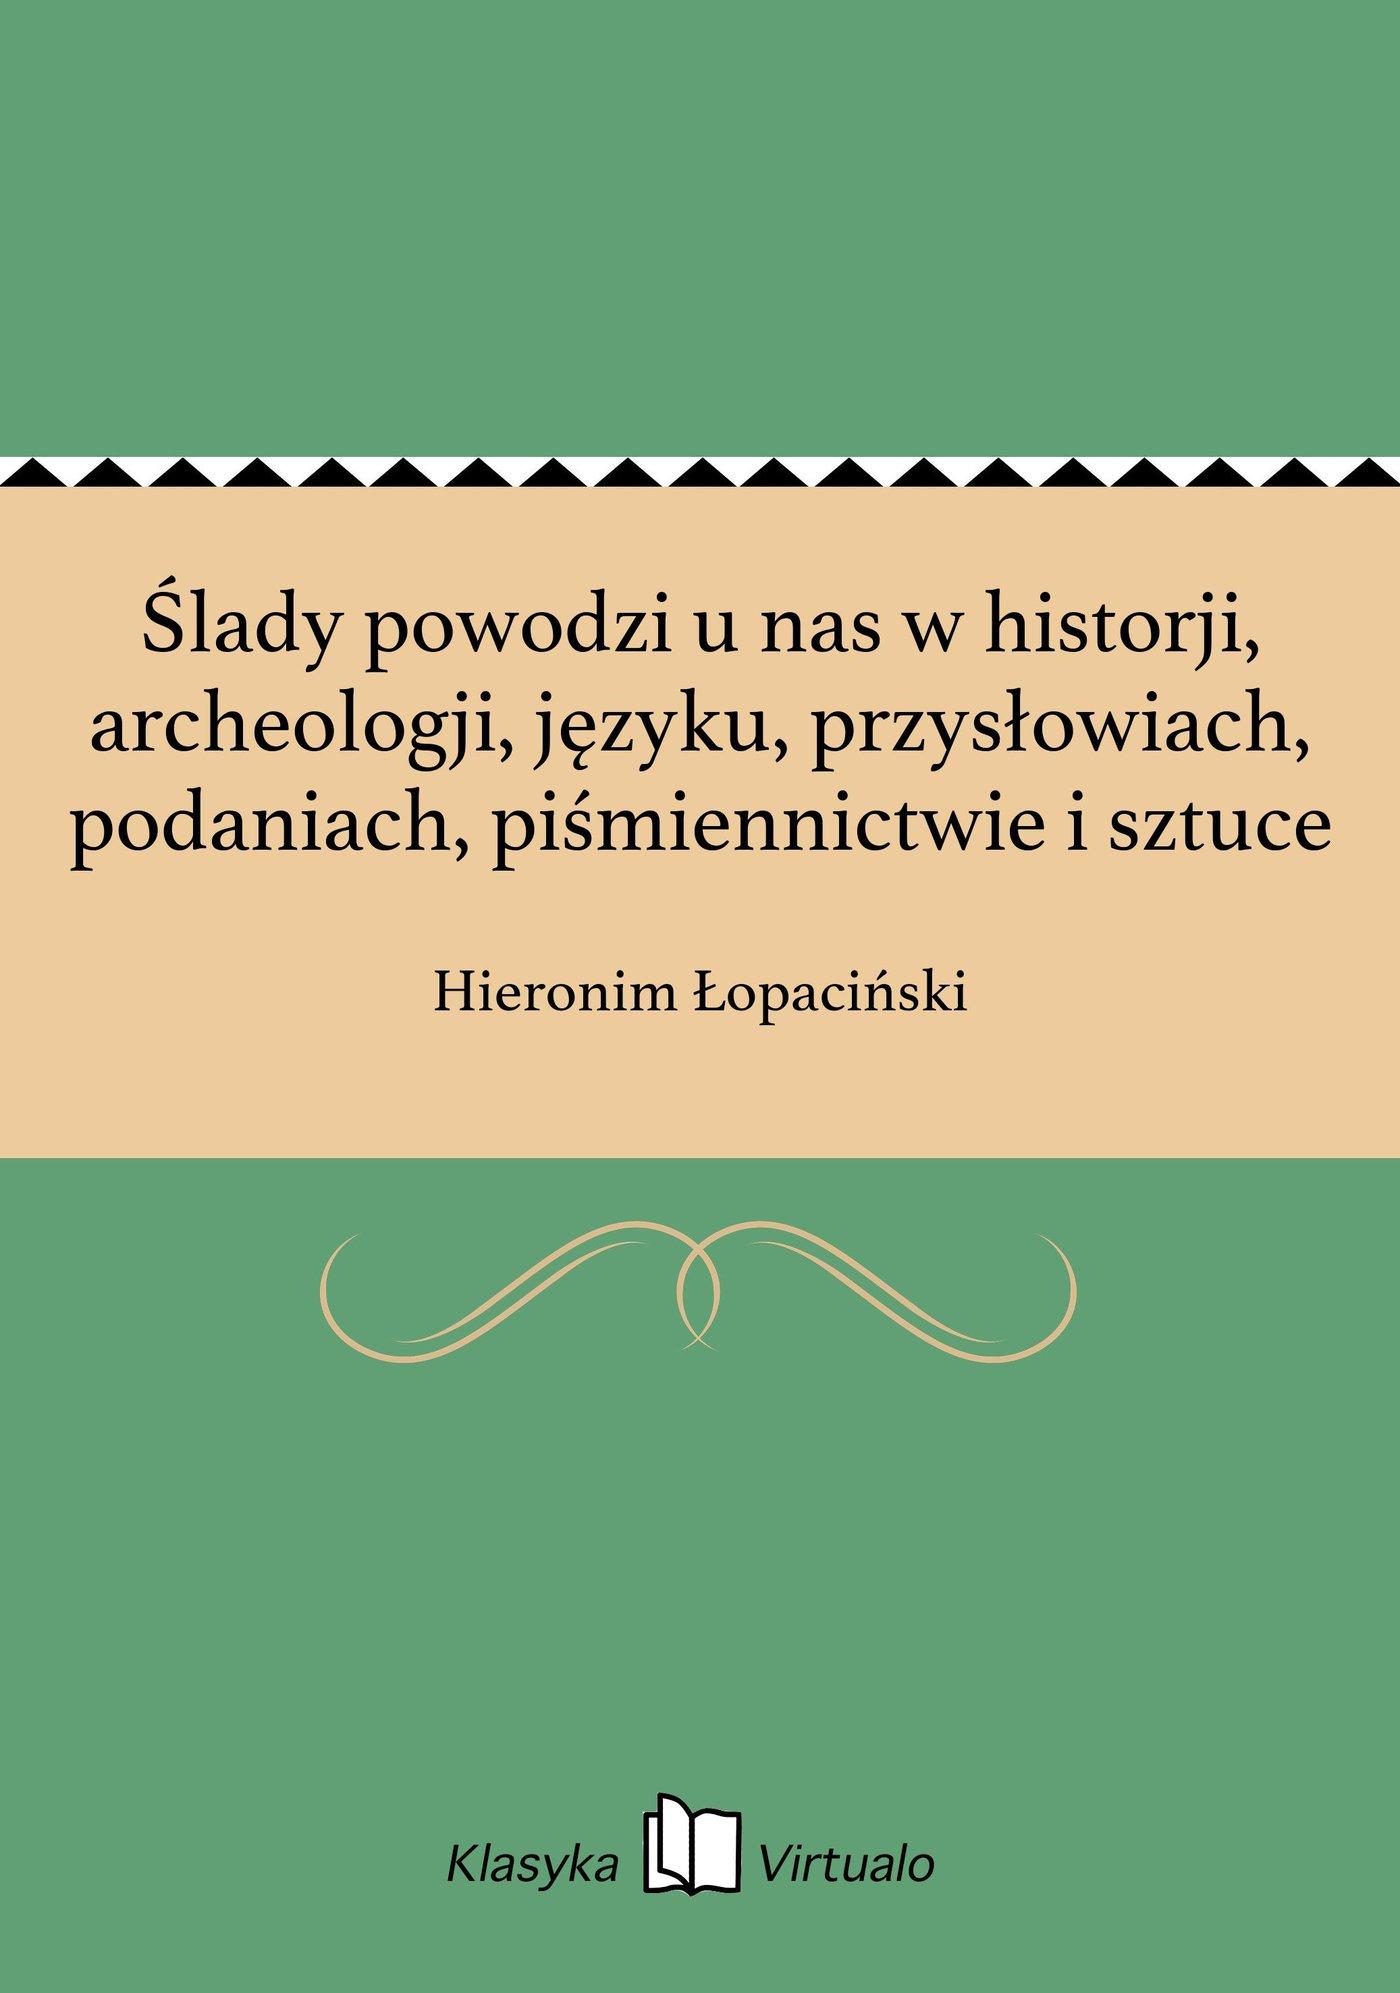 Ślady powodzi u nas w historji, archeologji, języku, przysłowiach, podaniach, piśmiennictwie i sztuce - Ebook (Książka EPUB) do pobrania w formacie EPUB